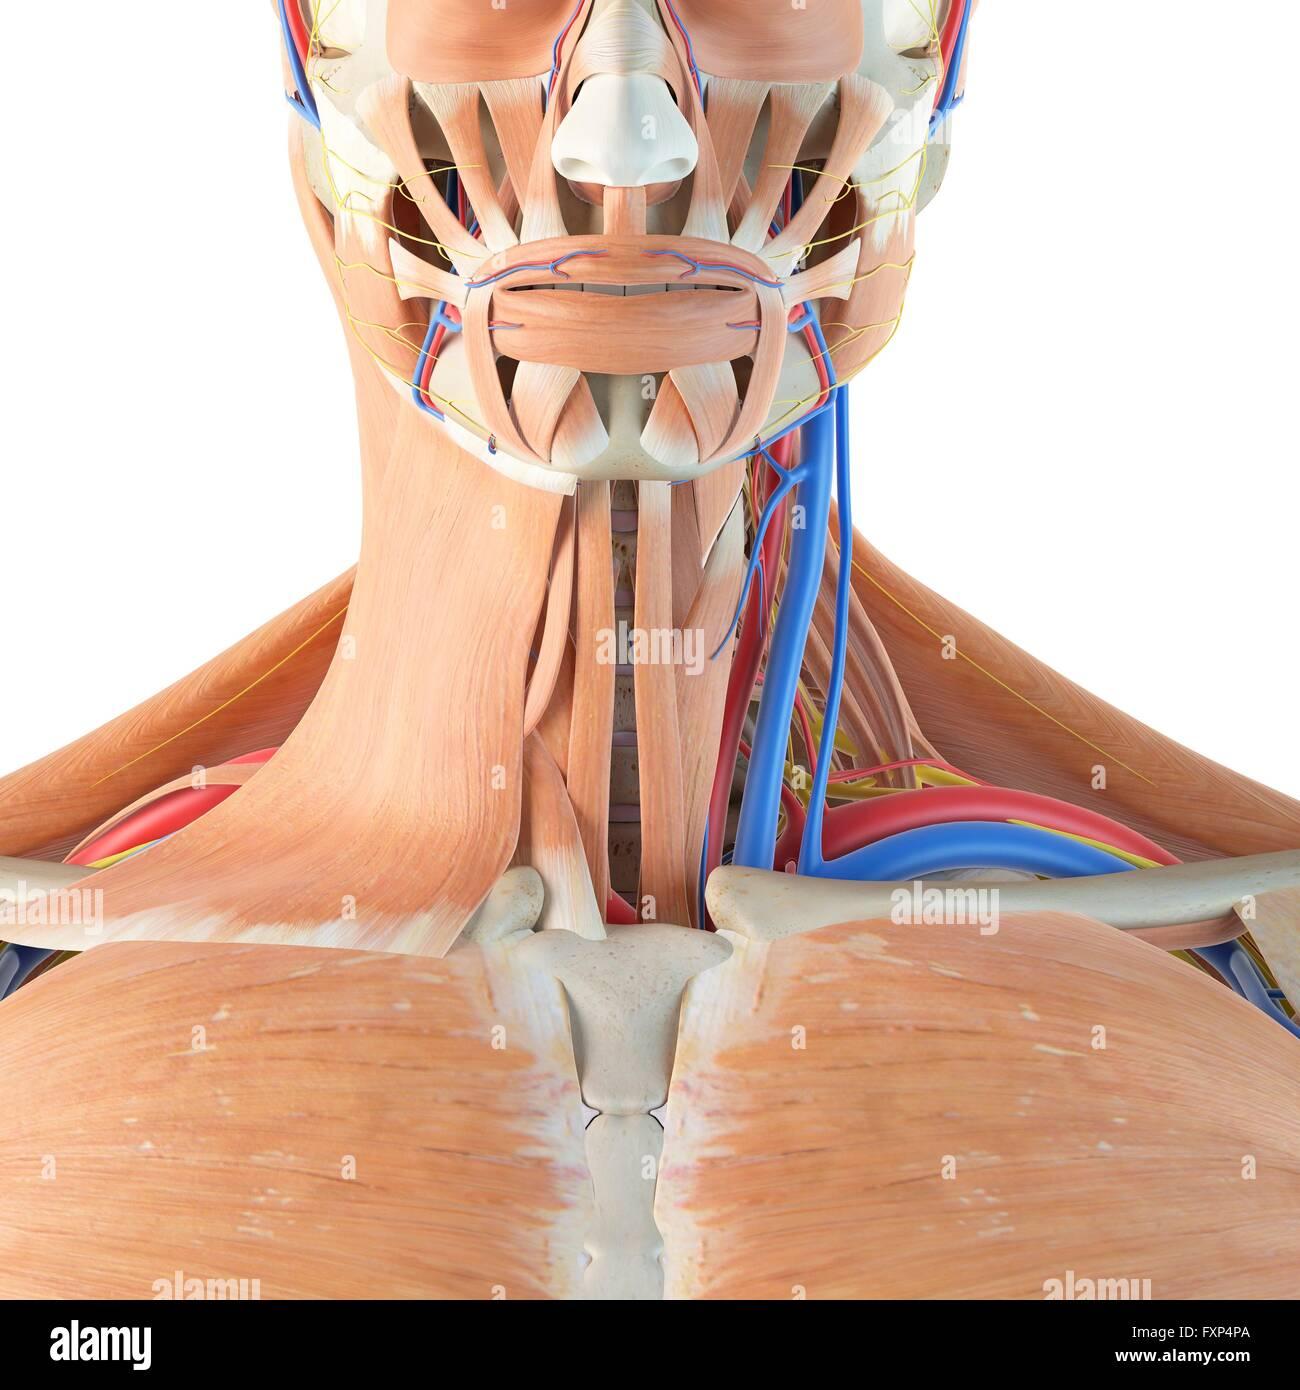 Menschliche Anatomie des Halses, Computer Bild Stockfoto, Bild ...